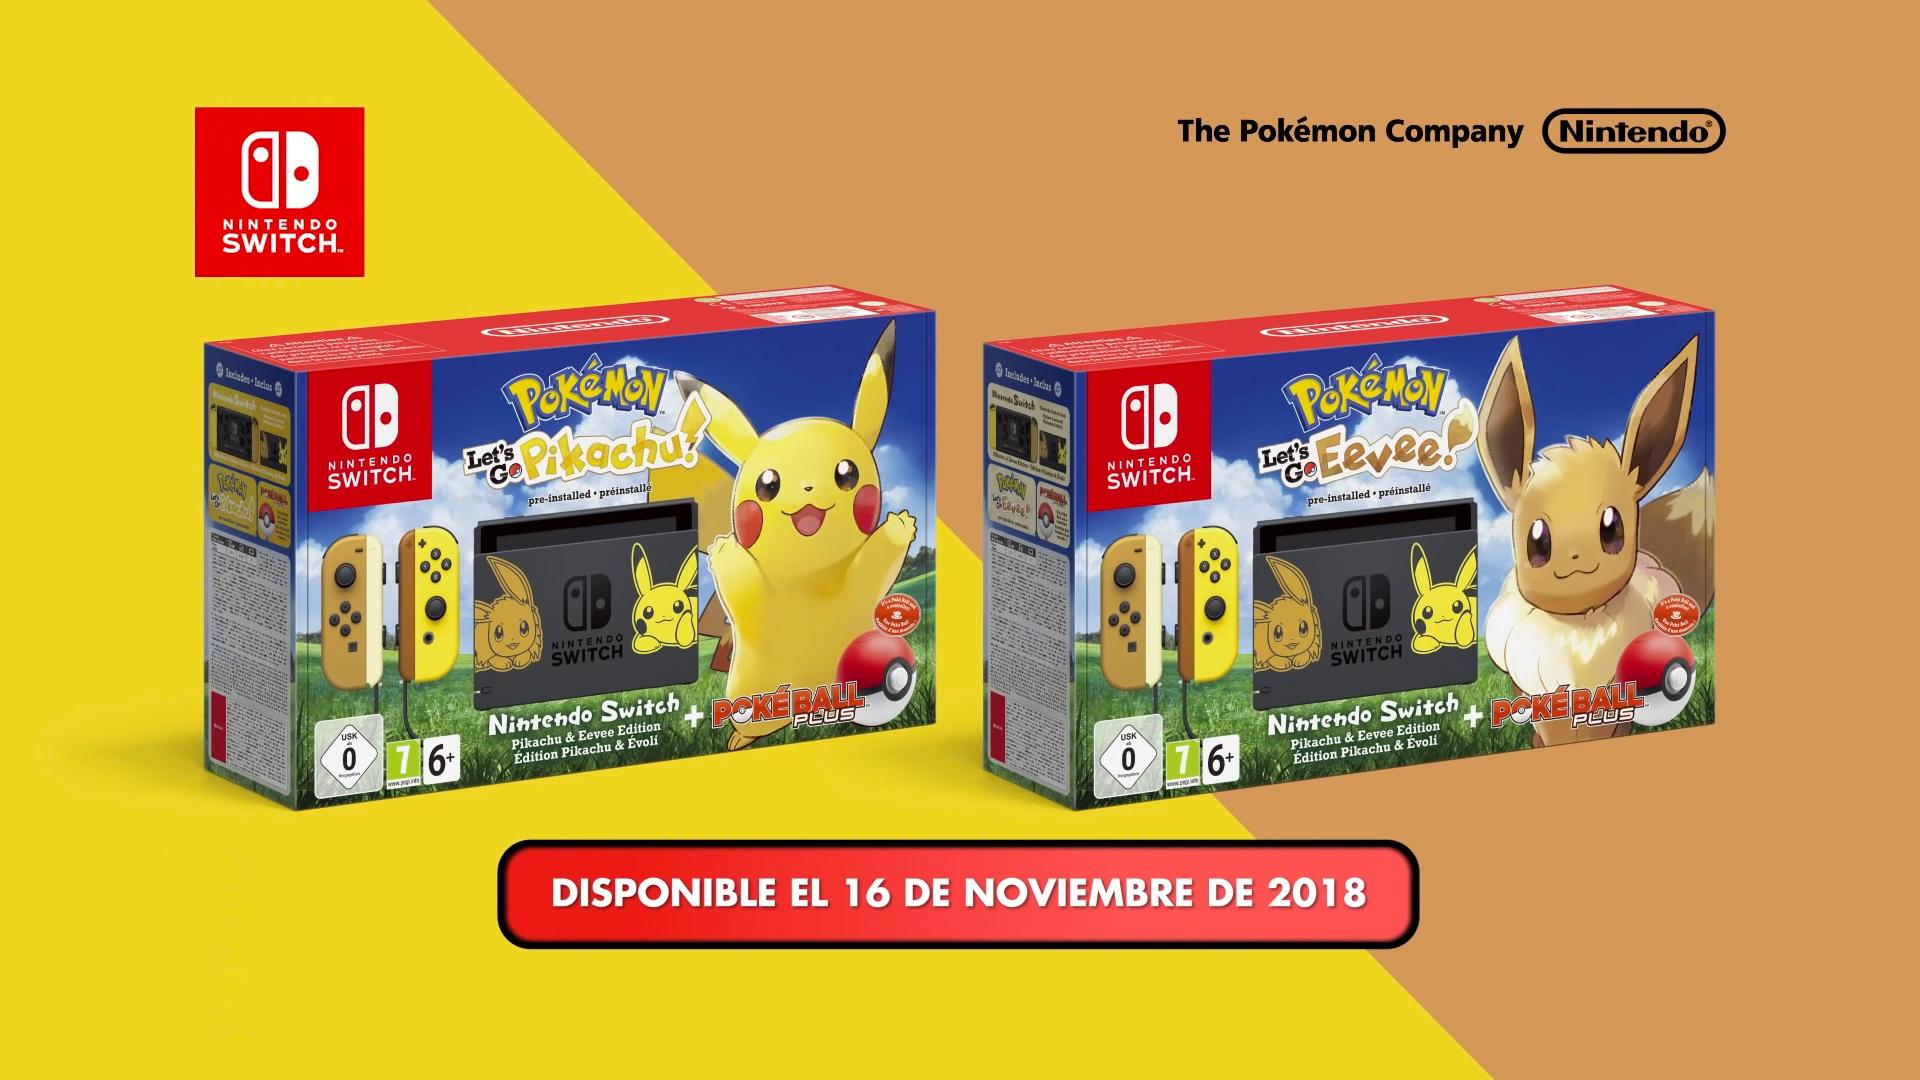 Gana Una Nintendo Switch Edicion Pikachu E Eevee Con 3djuegos 3djuegos